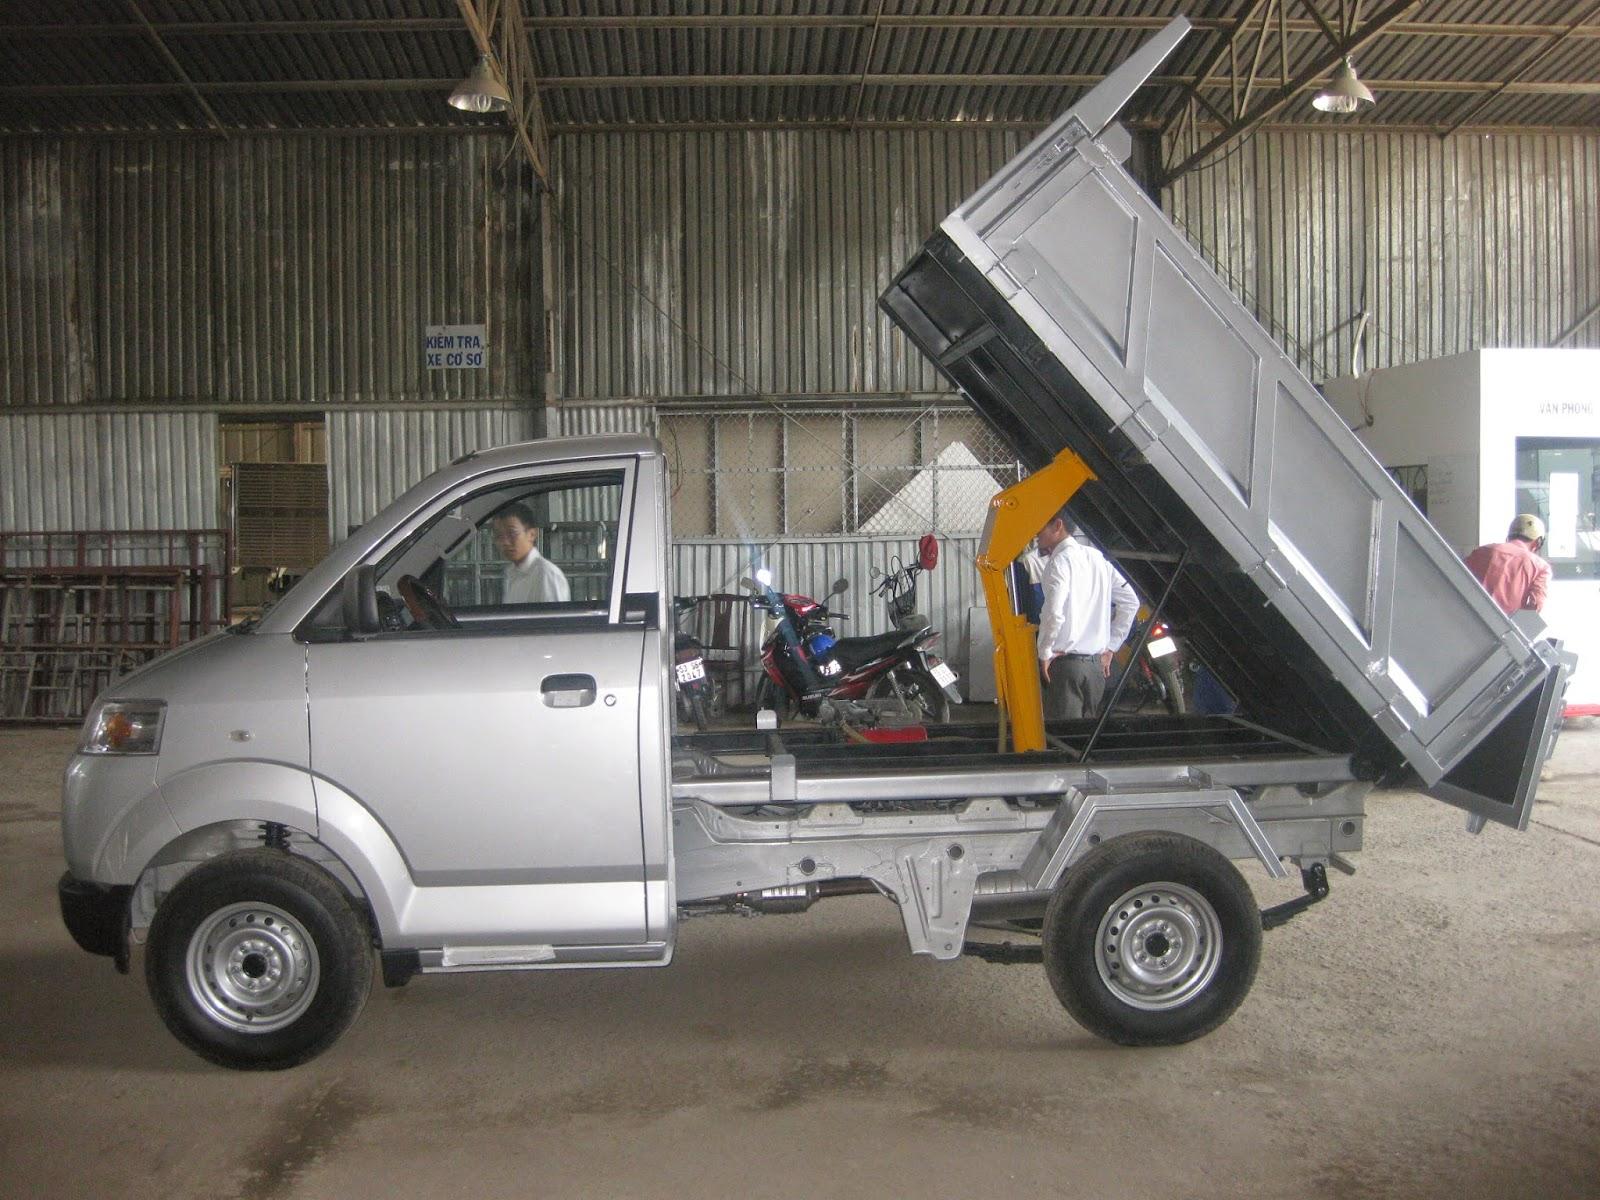 xe tải suzuki ben